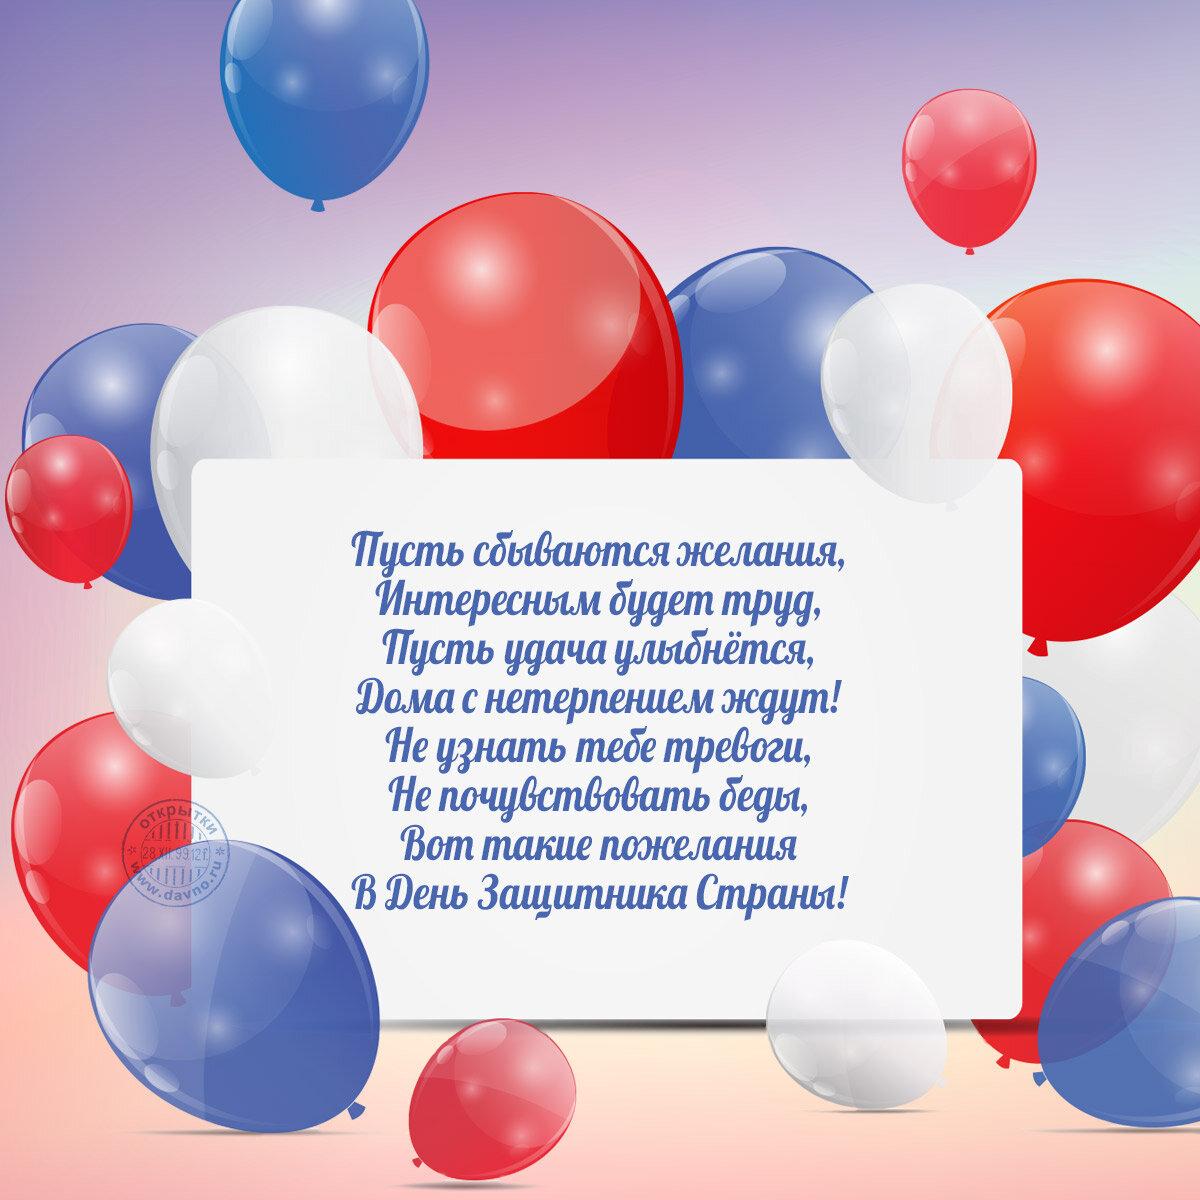 Картинки на 23 февраля для поздравления коллег, юля